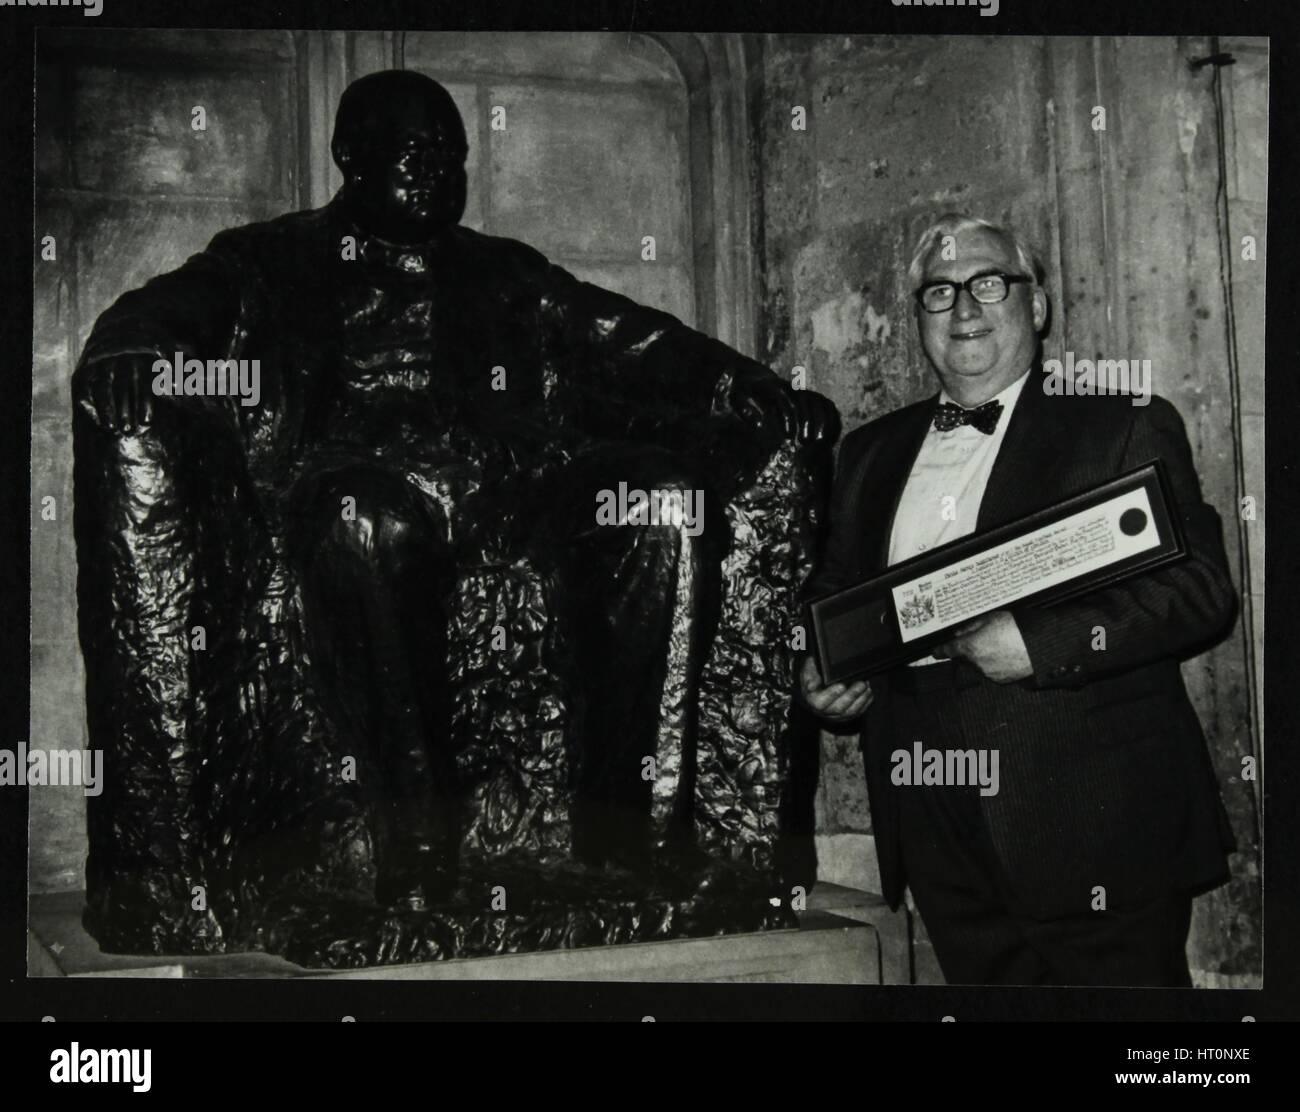 Dennis Matthews, editore della rivista musica jazz di Crescendo, alla Guildhall, Londra, 1992. Artista: Denis Williams Immagini Stock